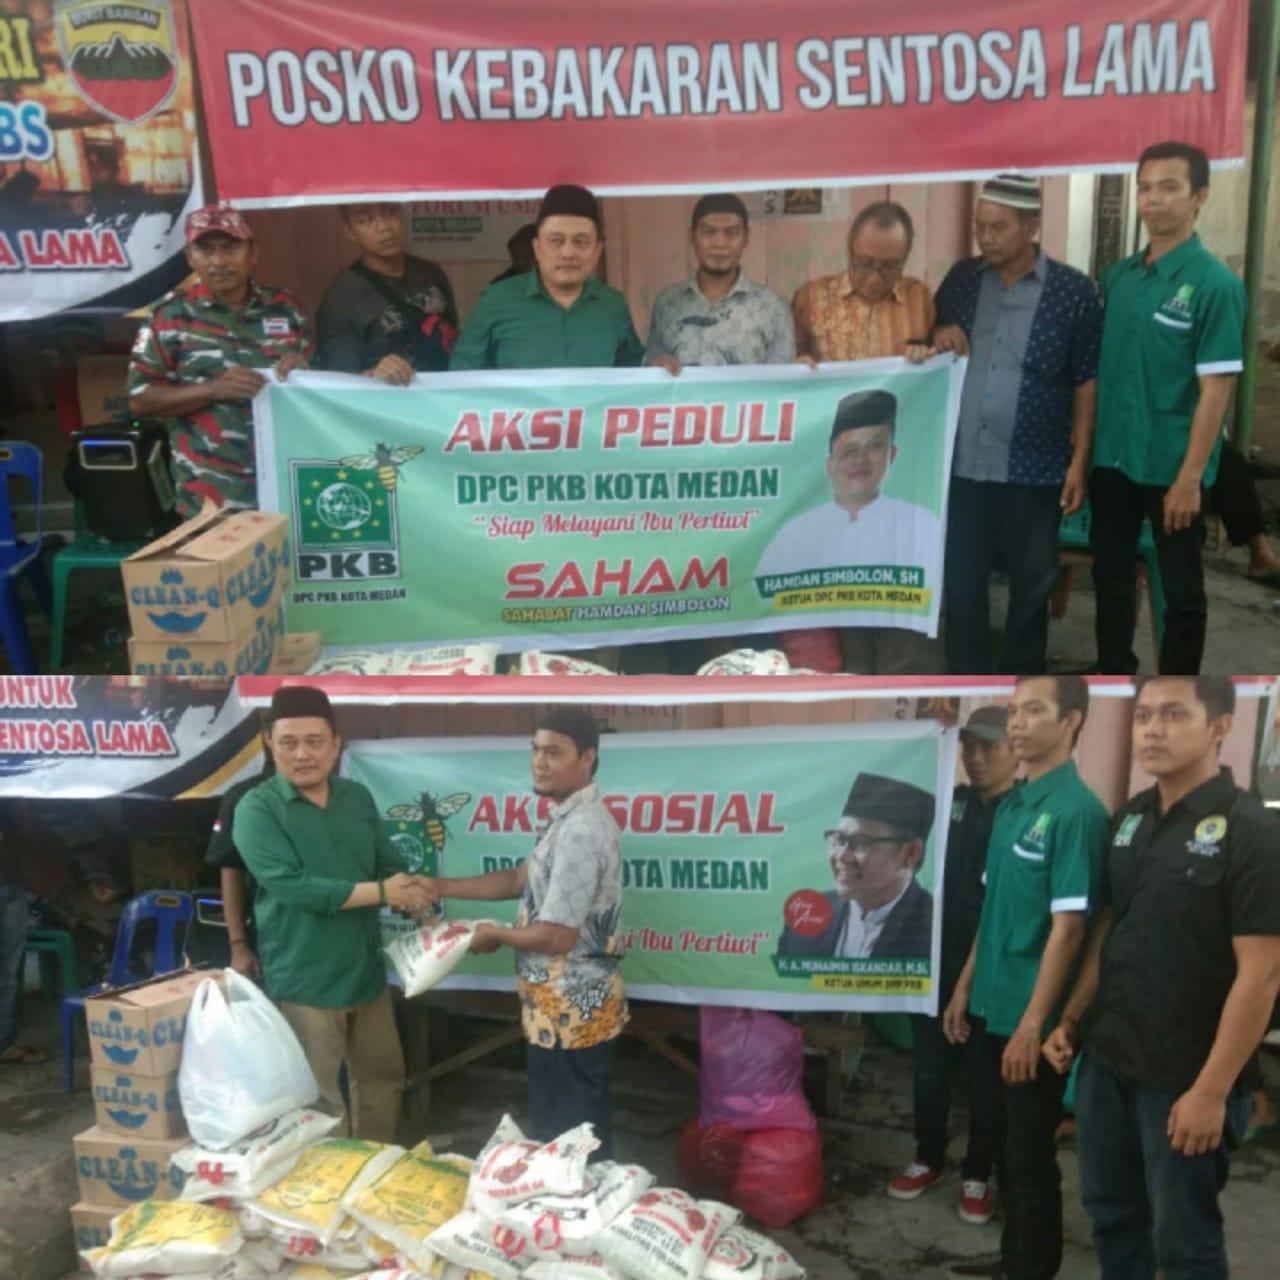 Ketua DPC PKB Medan, Serahkan Bantuan Korban Kebakaran Sentosa Lama